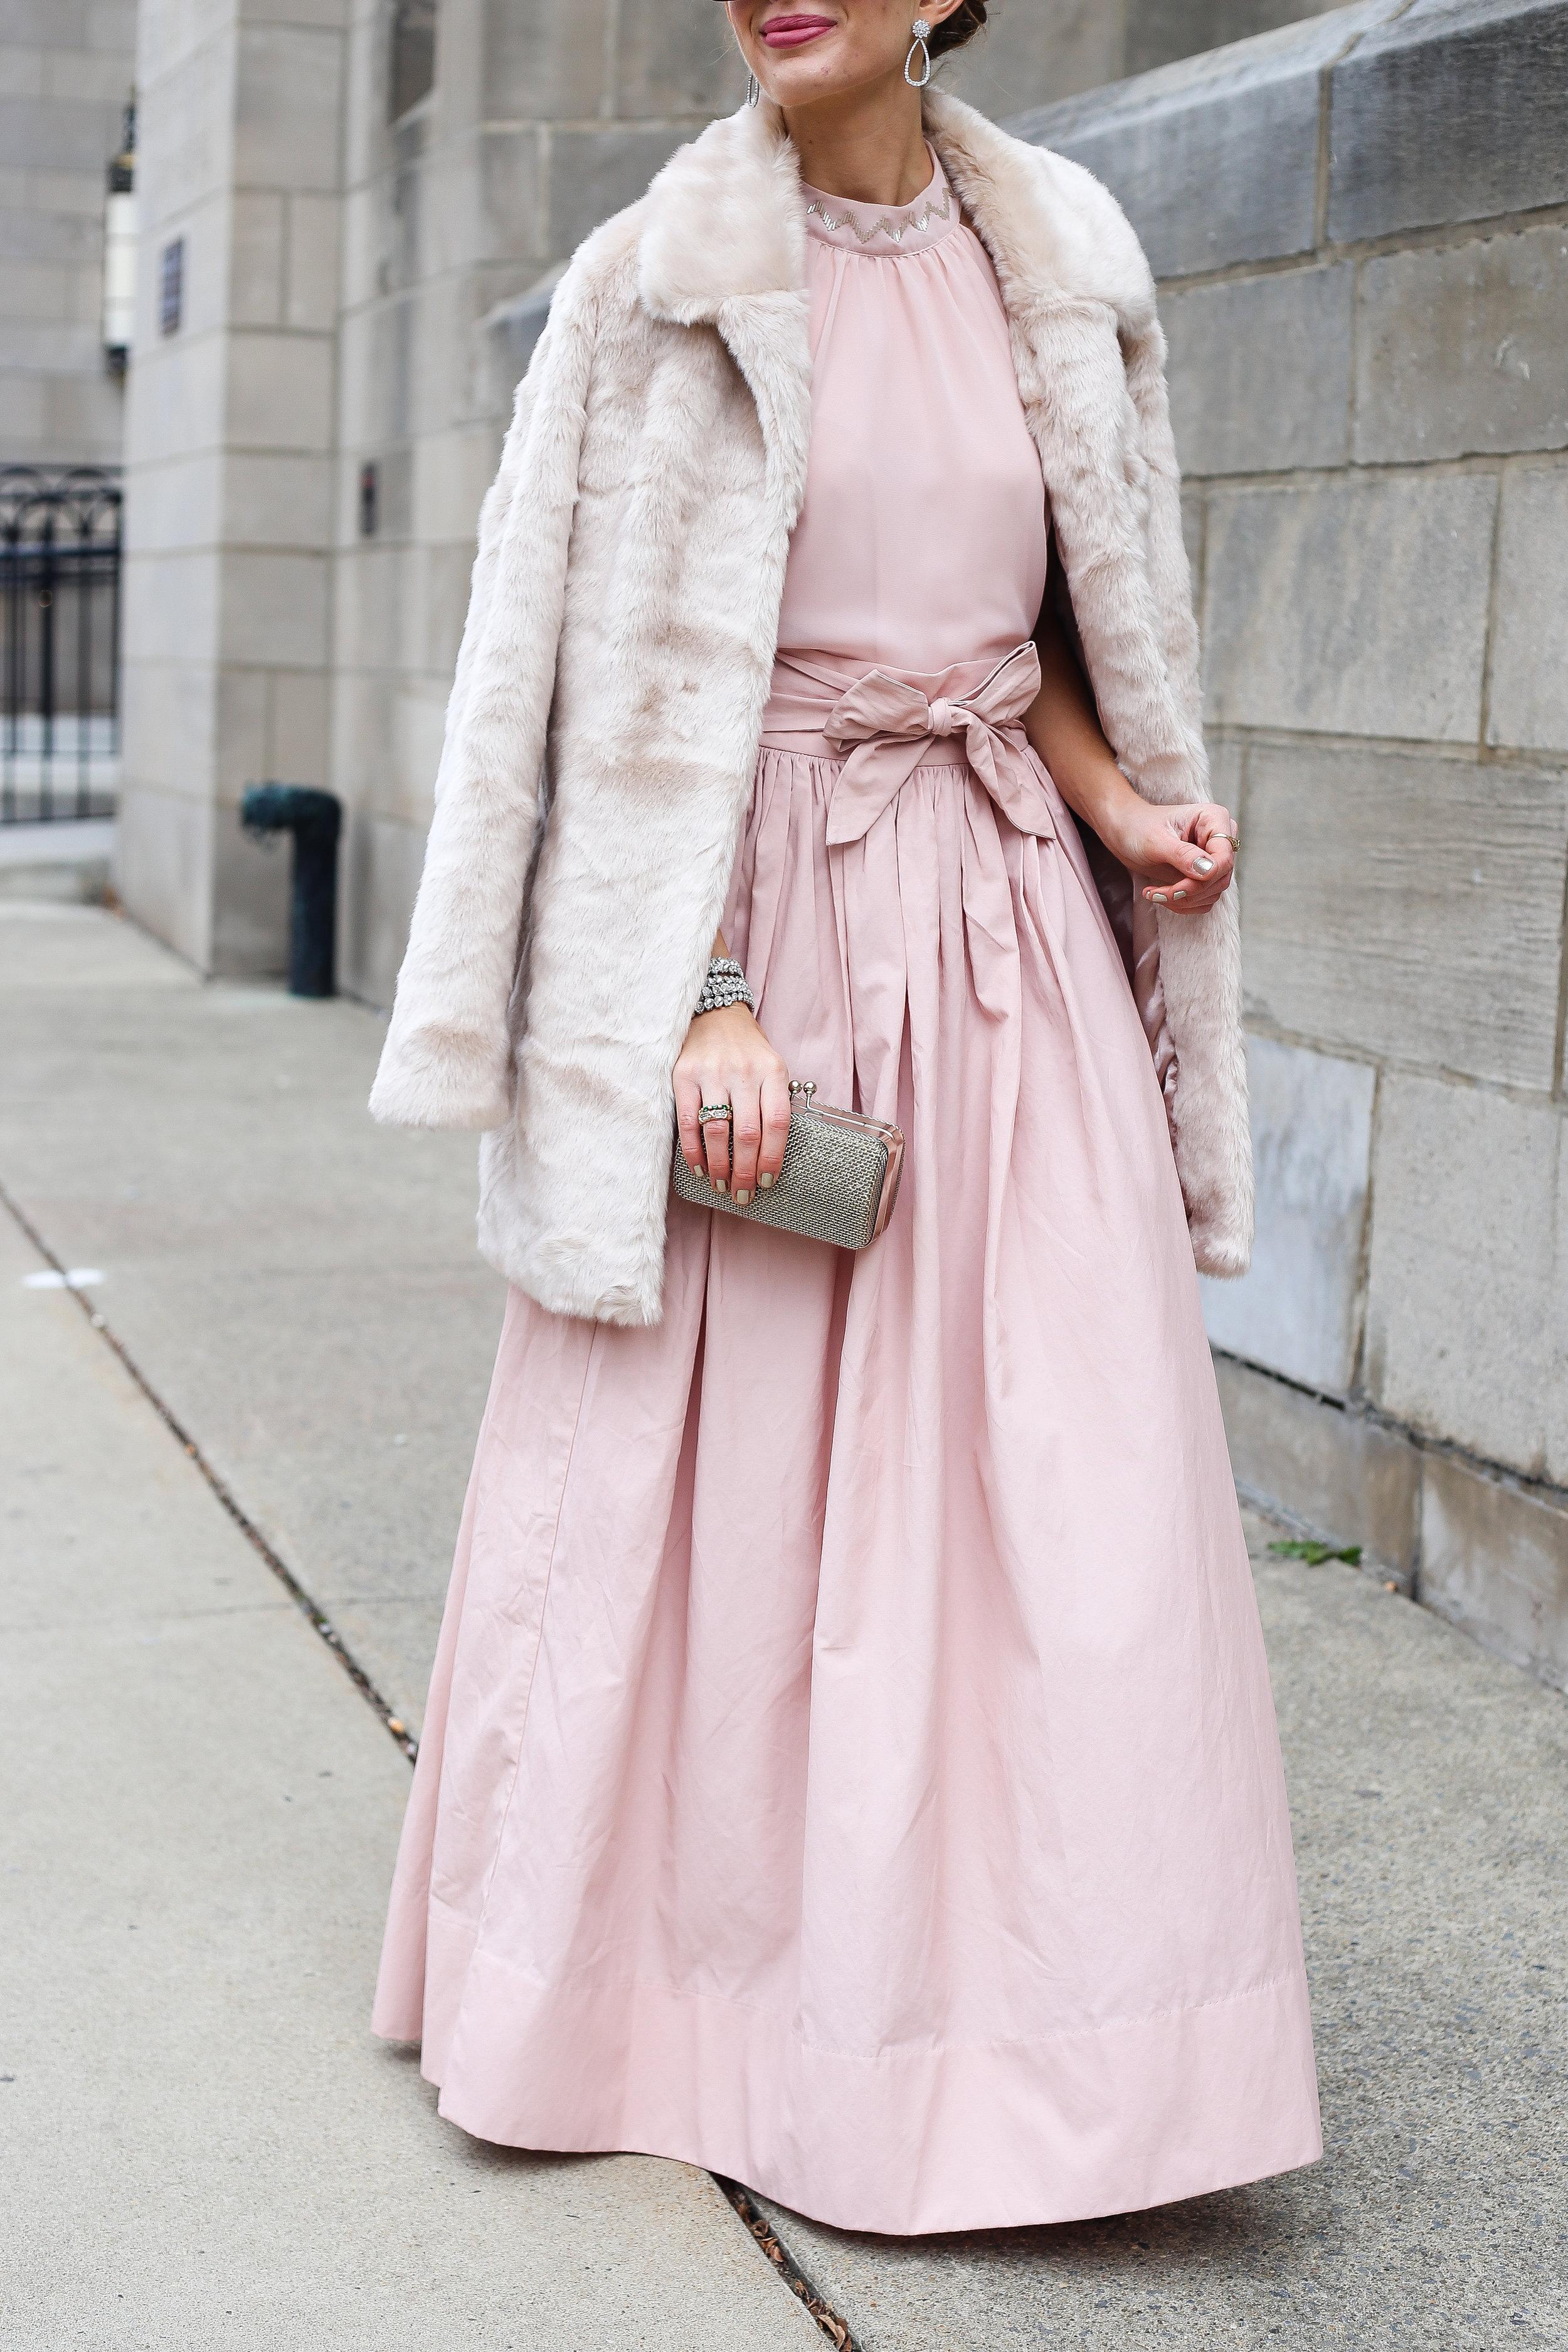 Blushing- Enchanting Elegance